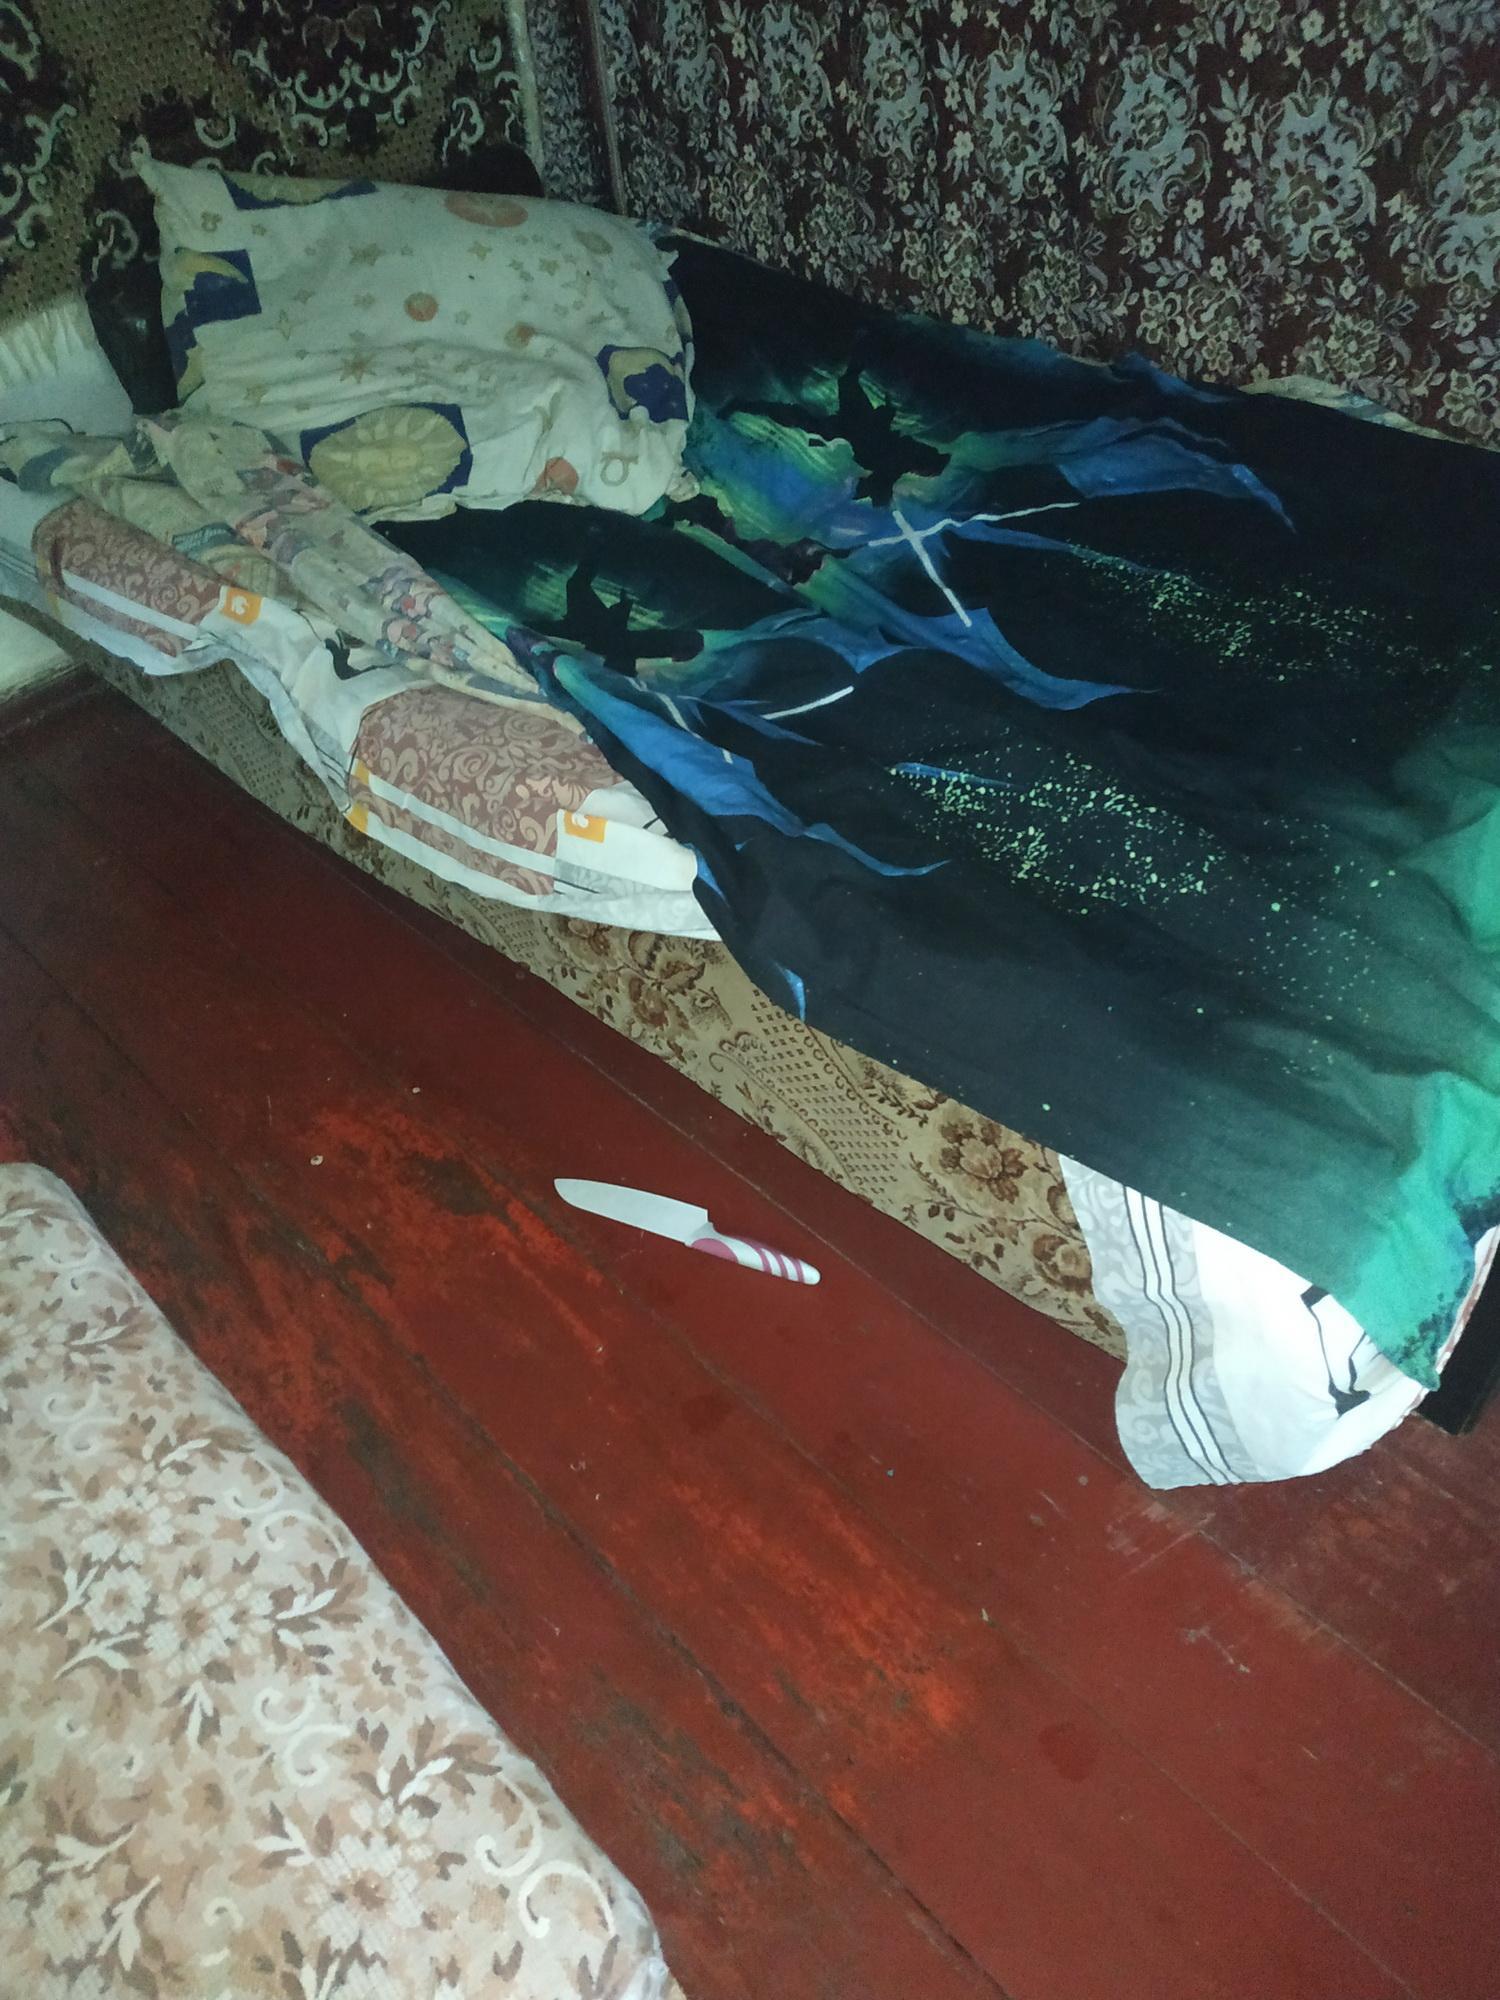 На Вінниччині під час сварки чоловік вдарив ножем у живіт власну дружину (Фото)